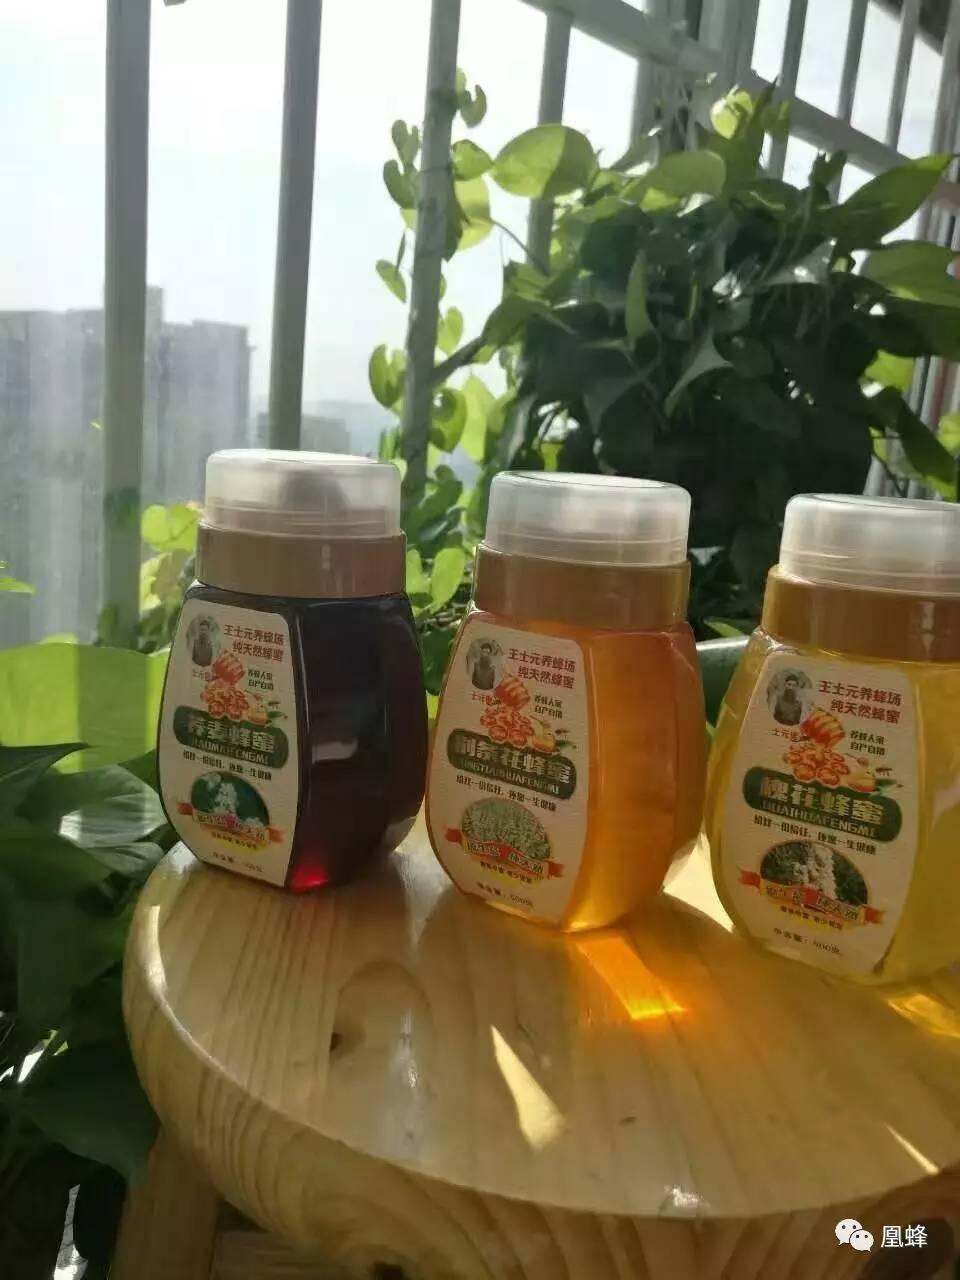 蜂蜜皂怎么做 蜂蜜+张恒 蜂蜜展销会 最好的蜂蜜洋槐蜜 菜花蜂蜜